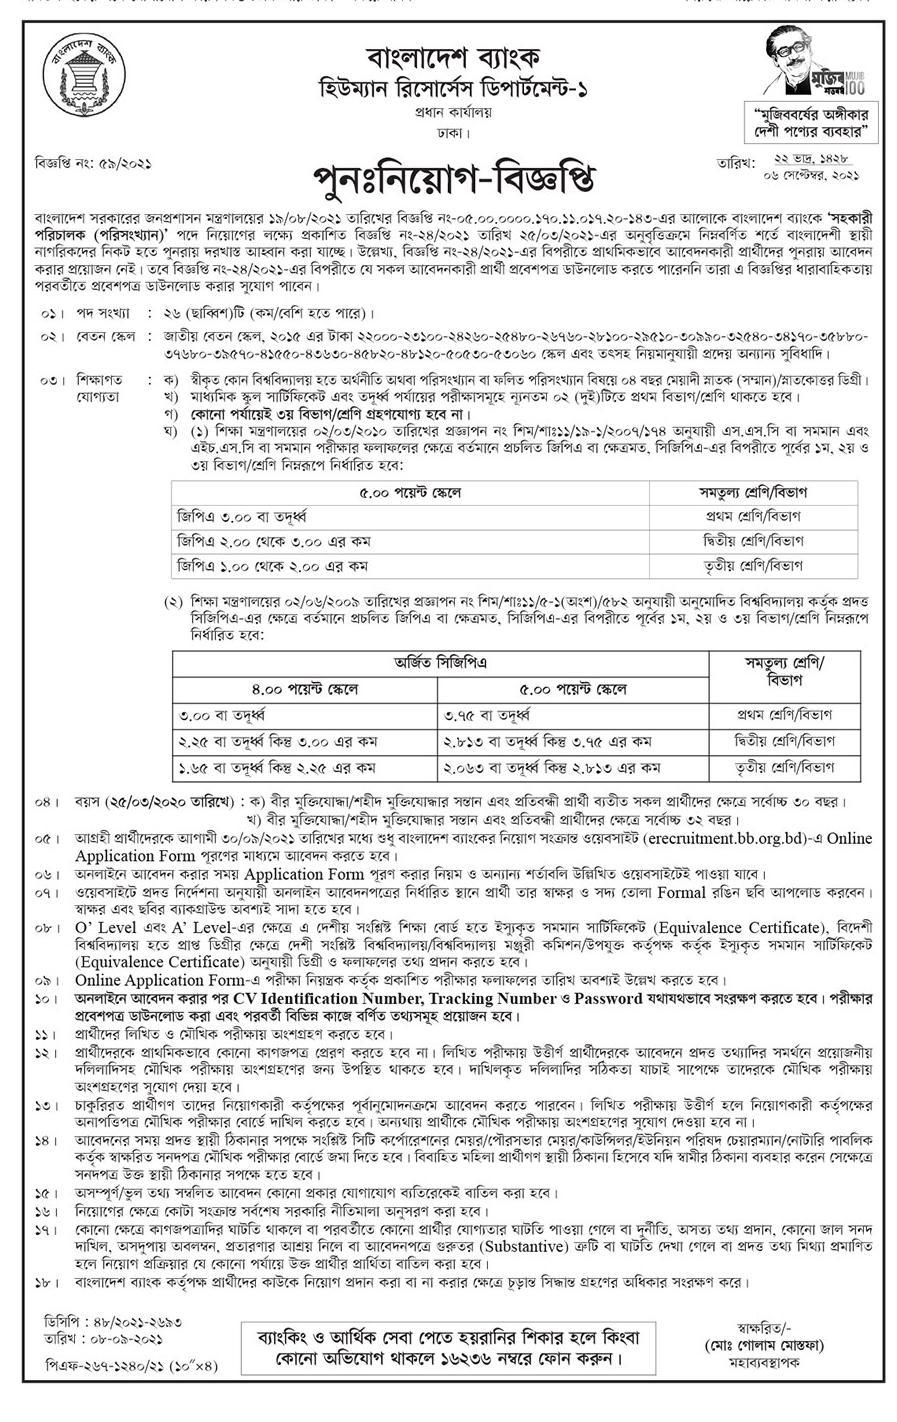 https://bdjobs24.net/wp-content/uploads/2021/09/Bangladesh-Bank-Job-Circular-2021a.jpg